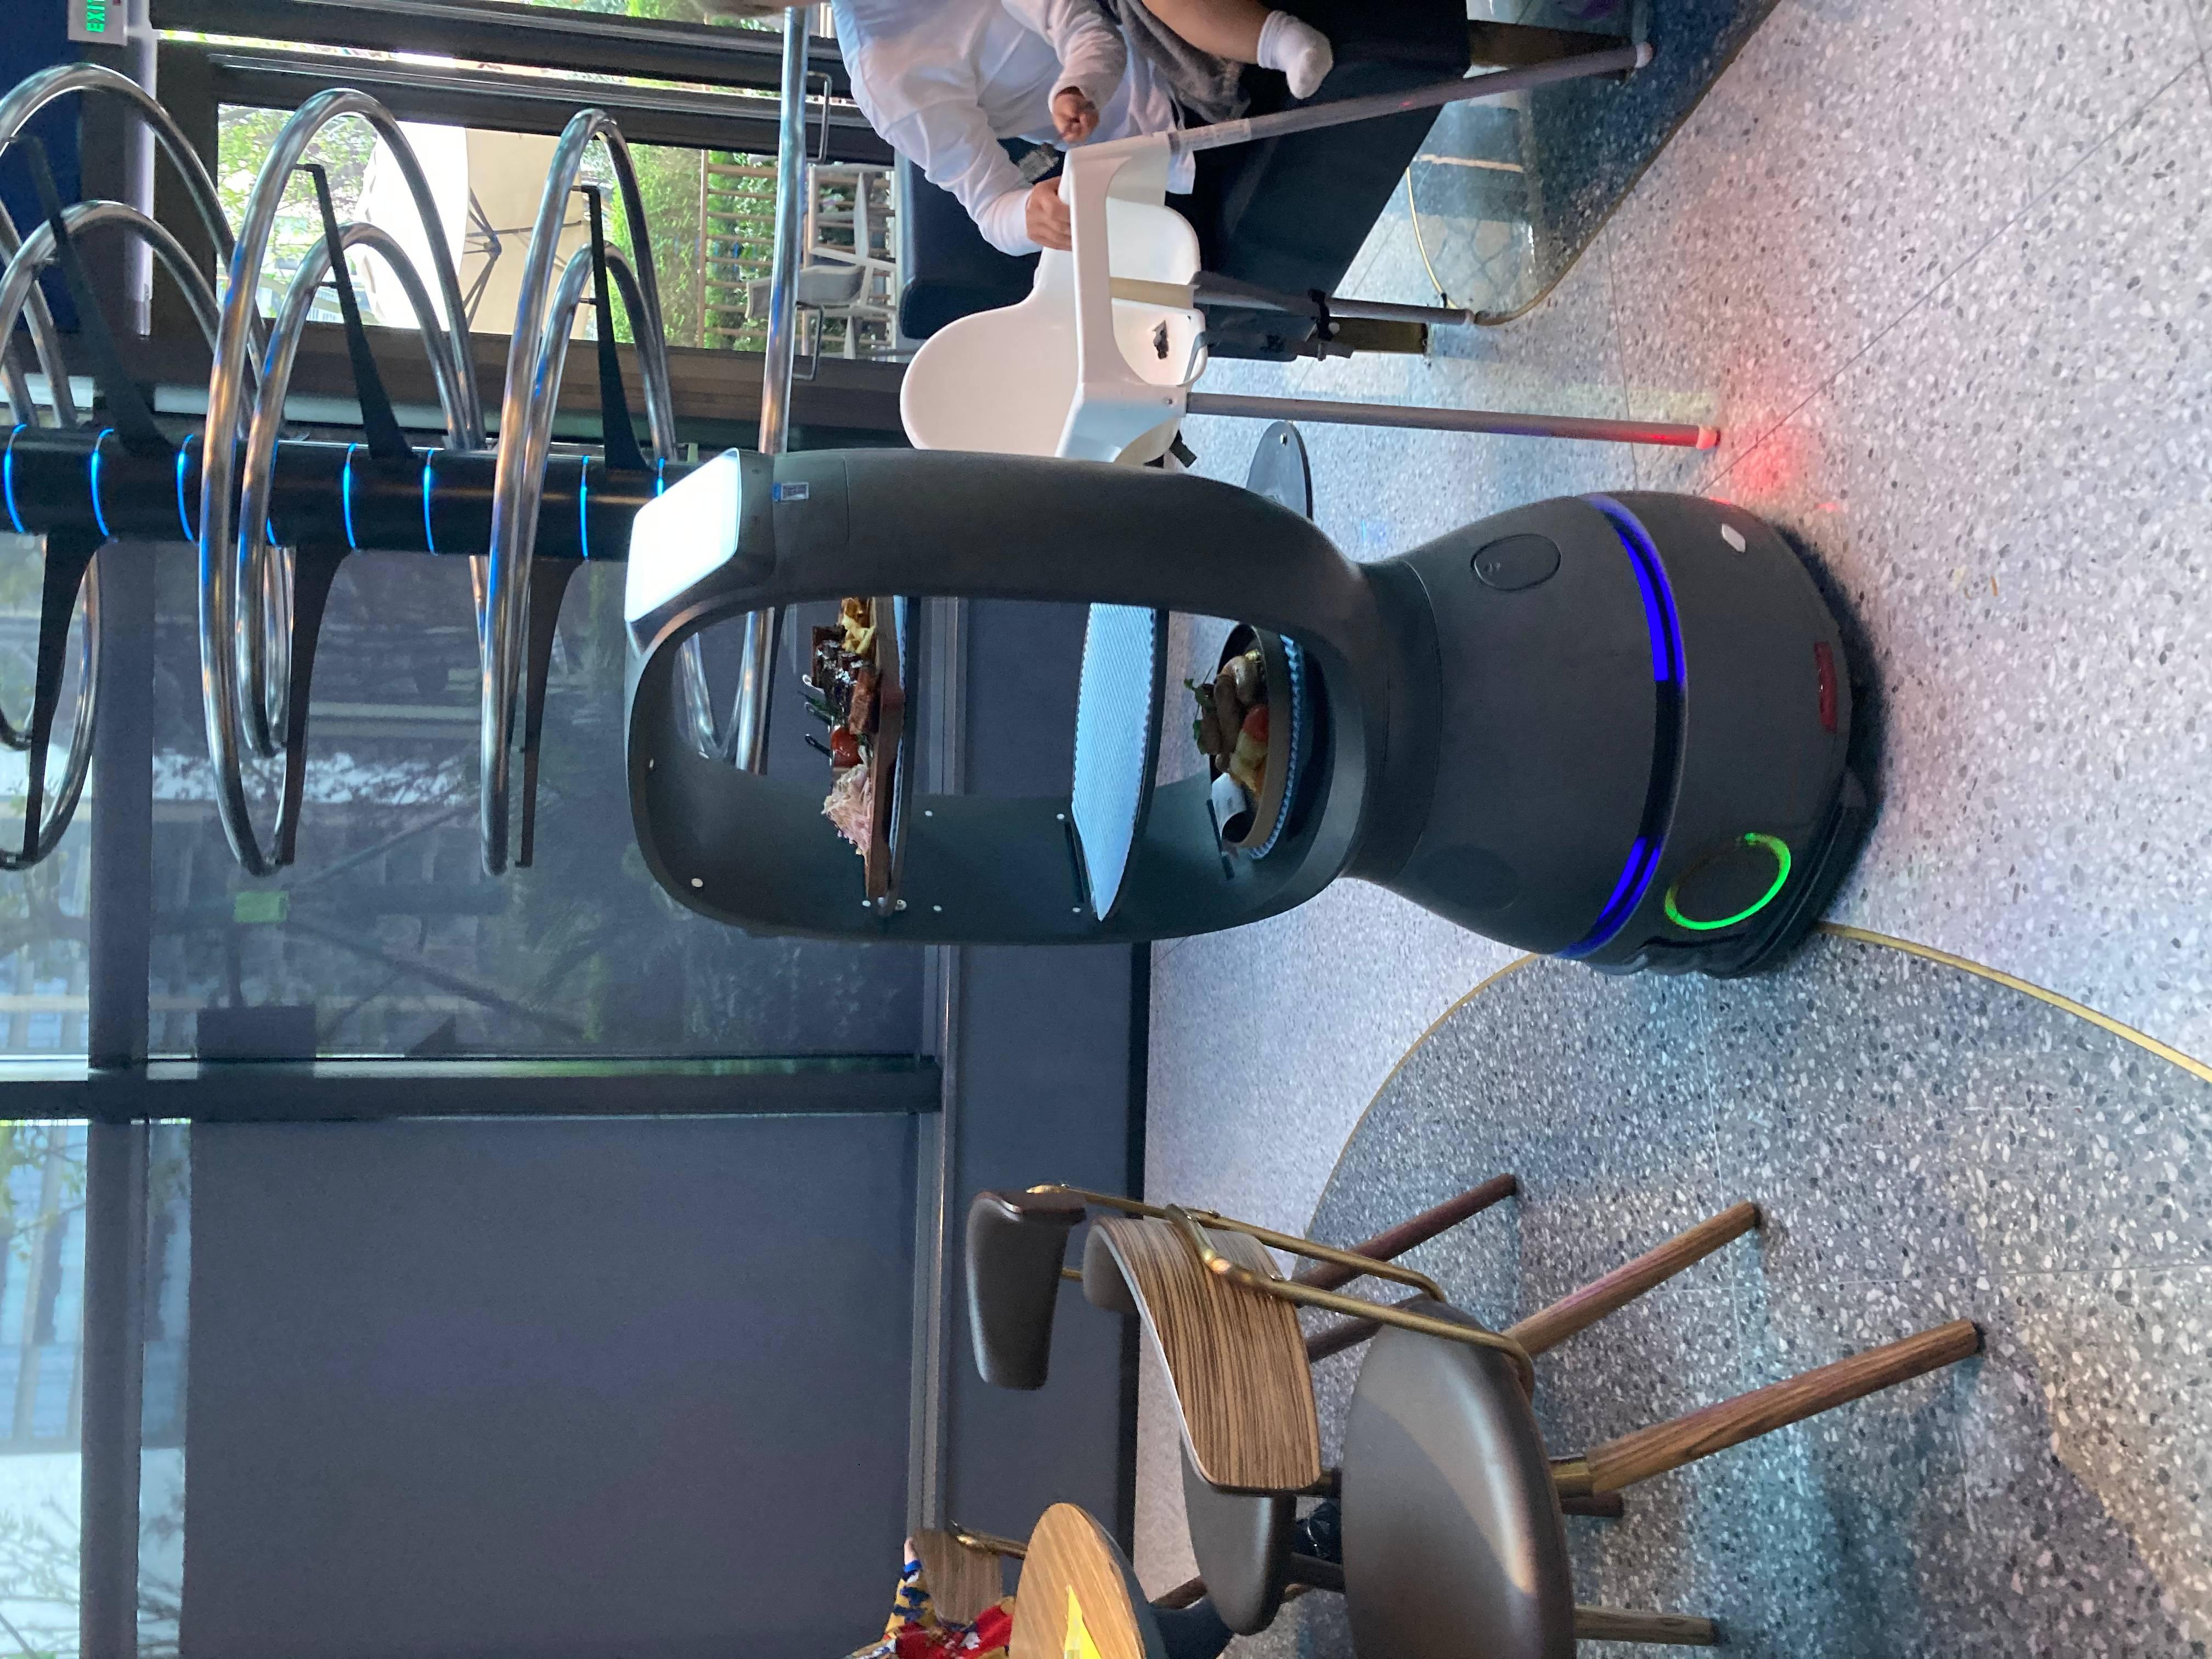 Robôs garçons, elegantes e simpáticos circulam pelo salão trazendo os pratos mais elaborados.